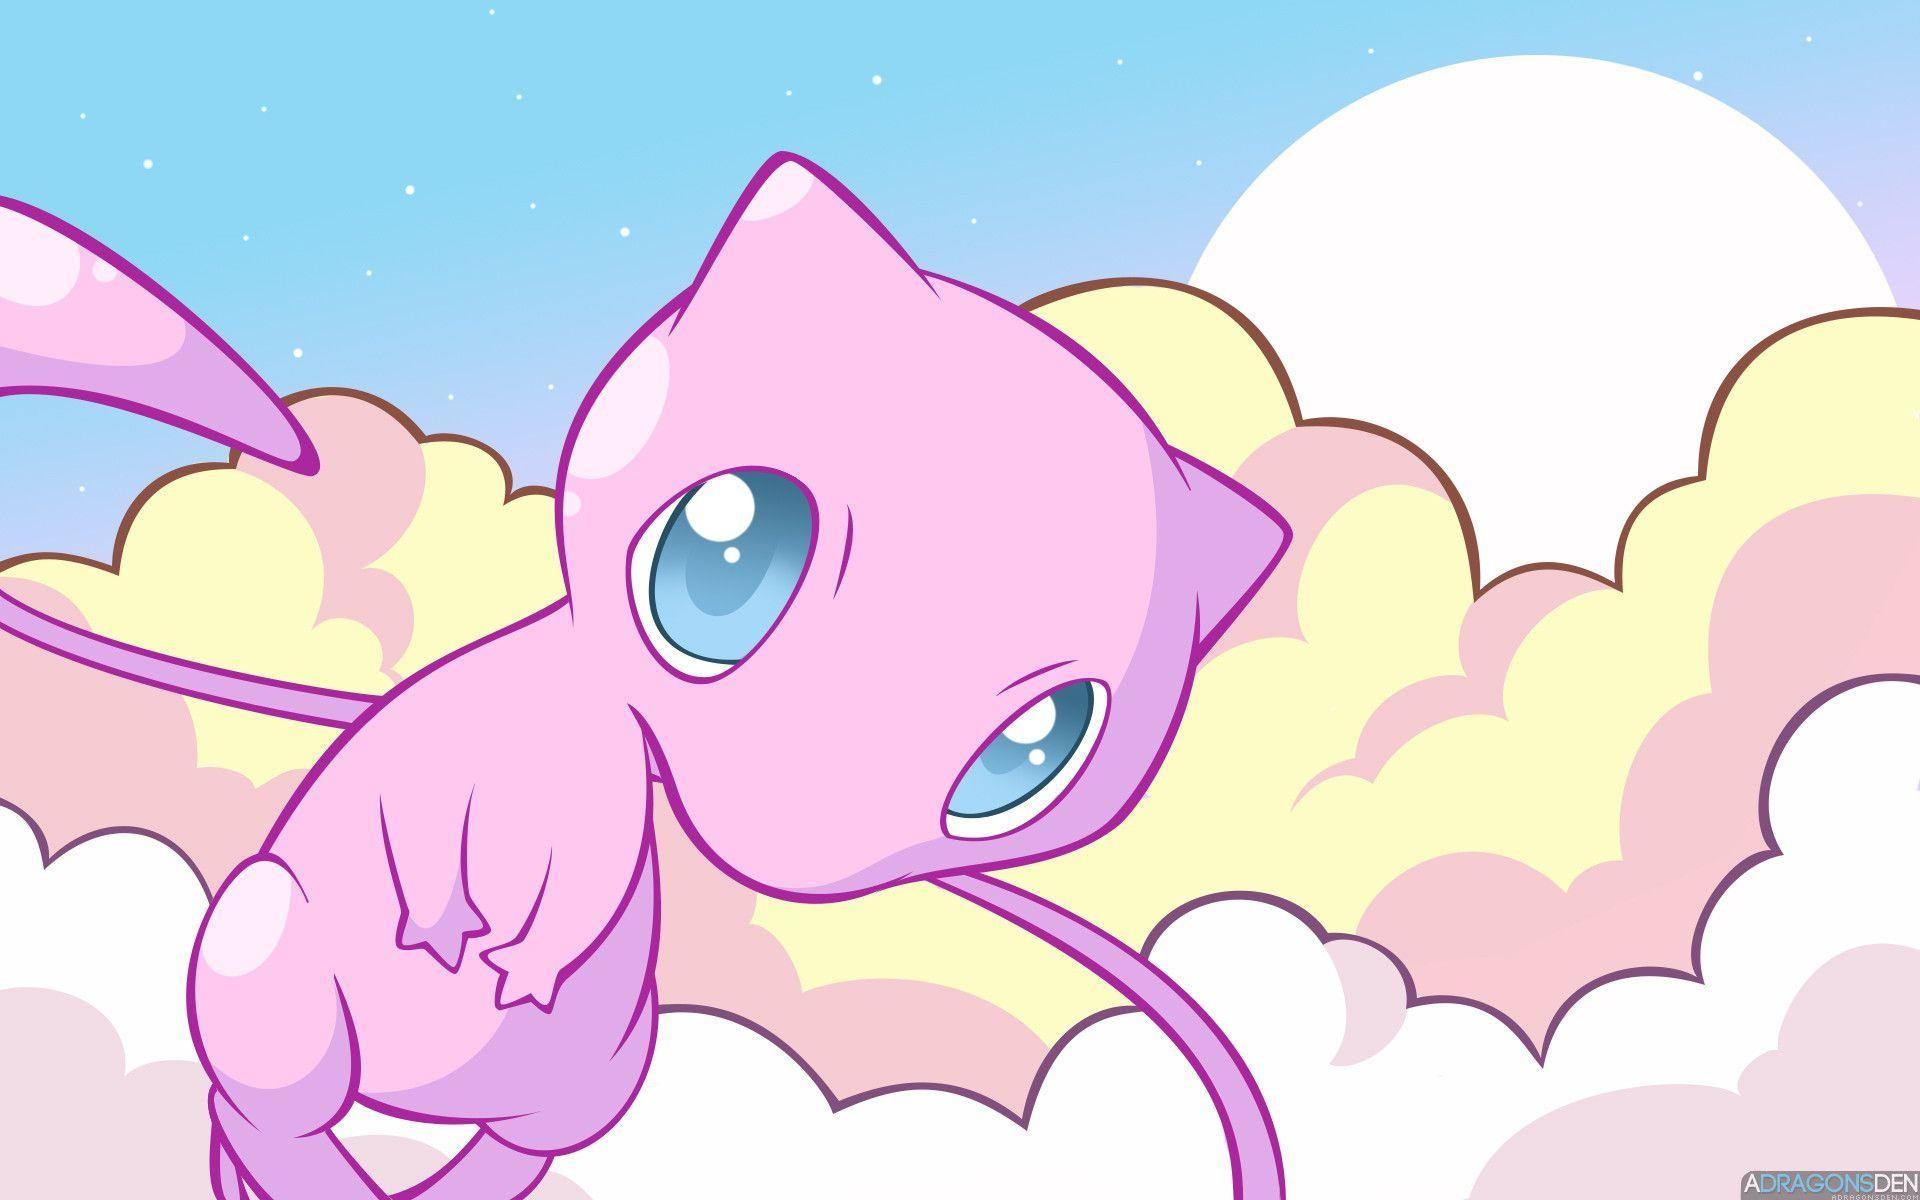 Best 25 Cute pokemon wallpaper ideas on Pinterest | Cute pikachu .